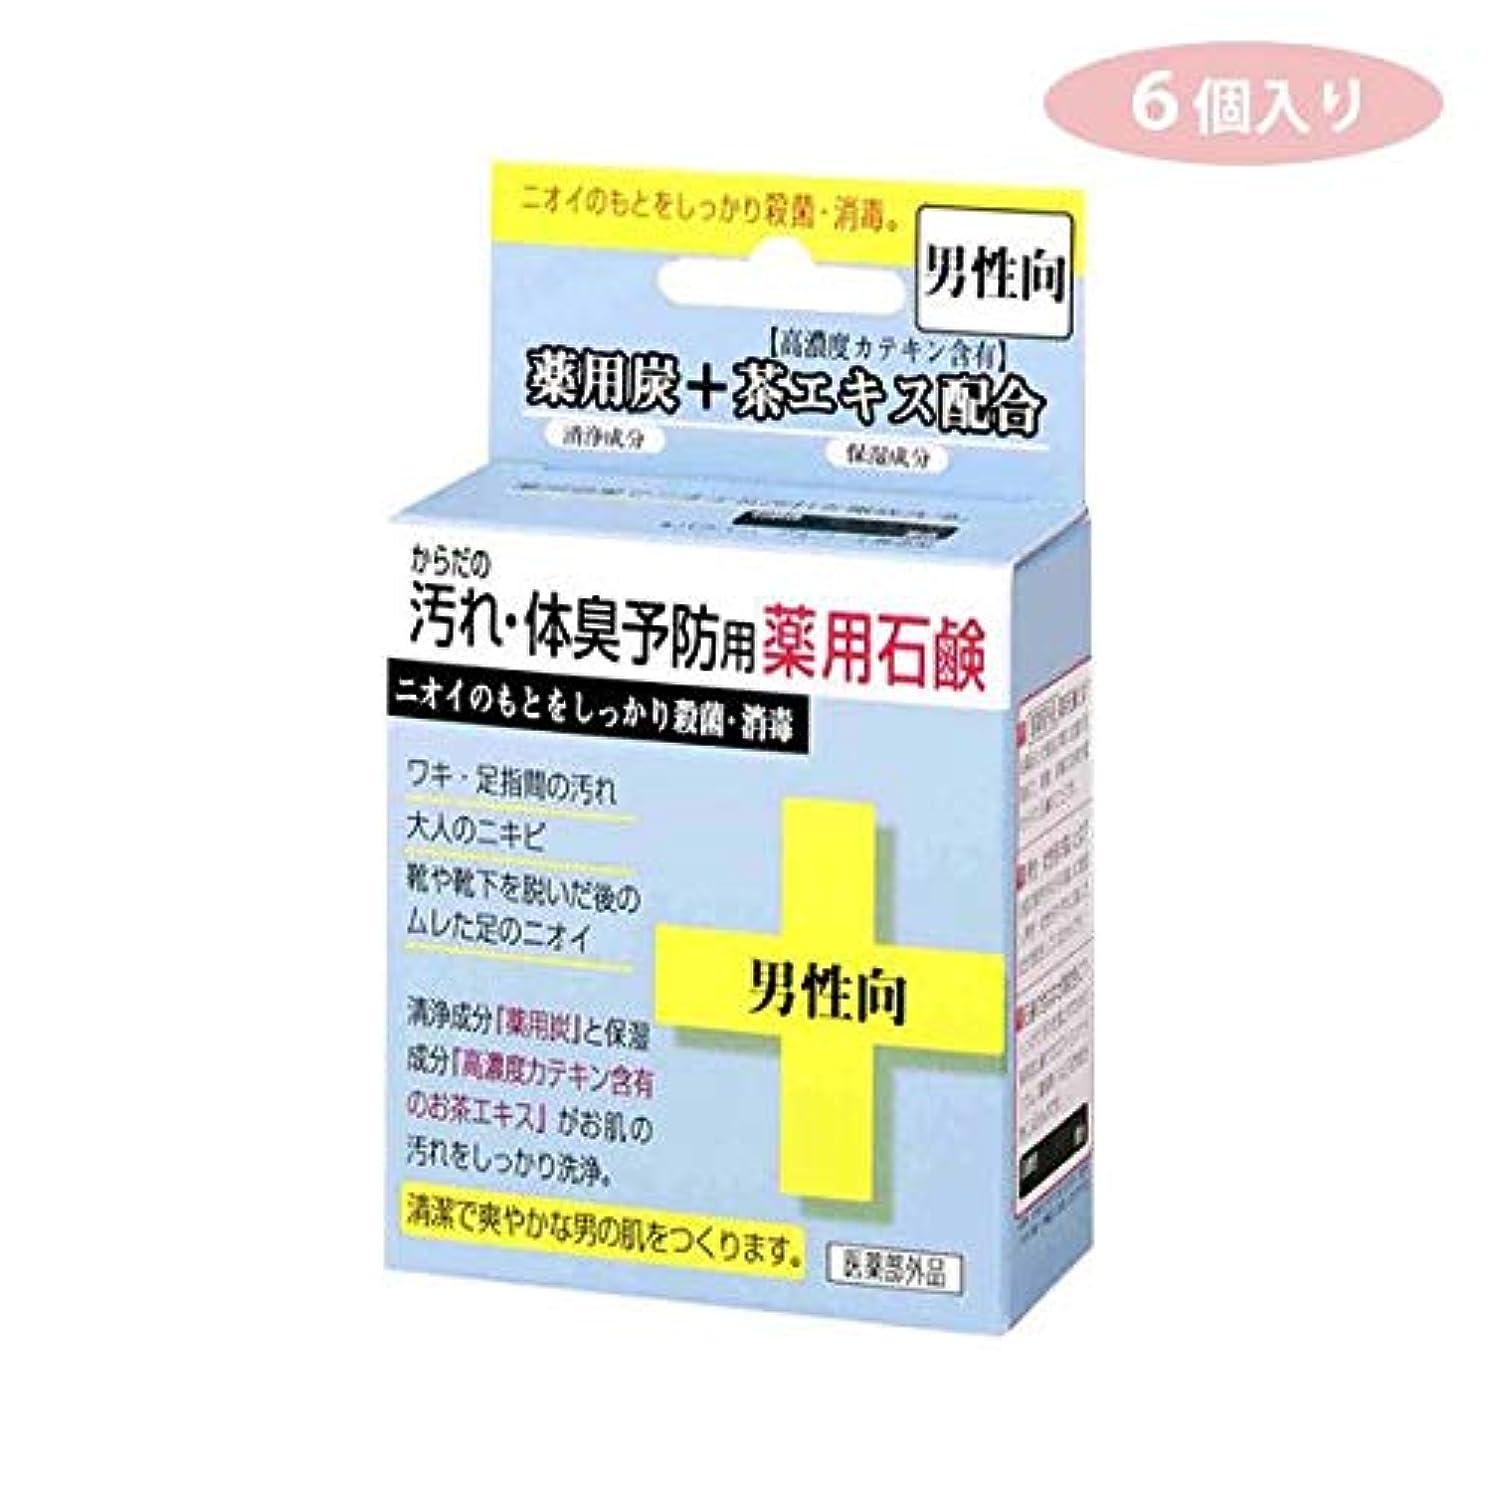 隙間ラダコンデンサーCTY-SM 6個入り からだの汚れ?体臭予防用 薬用石鹸 男性向き